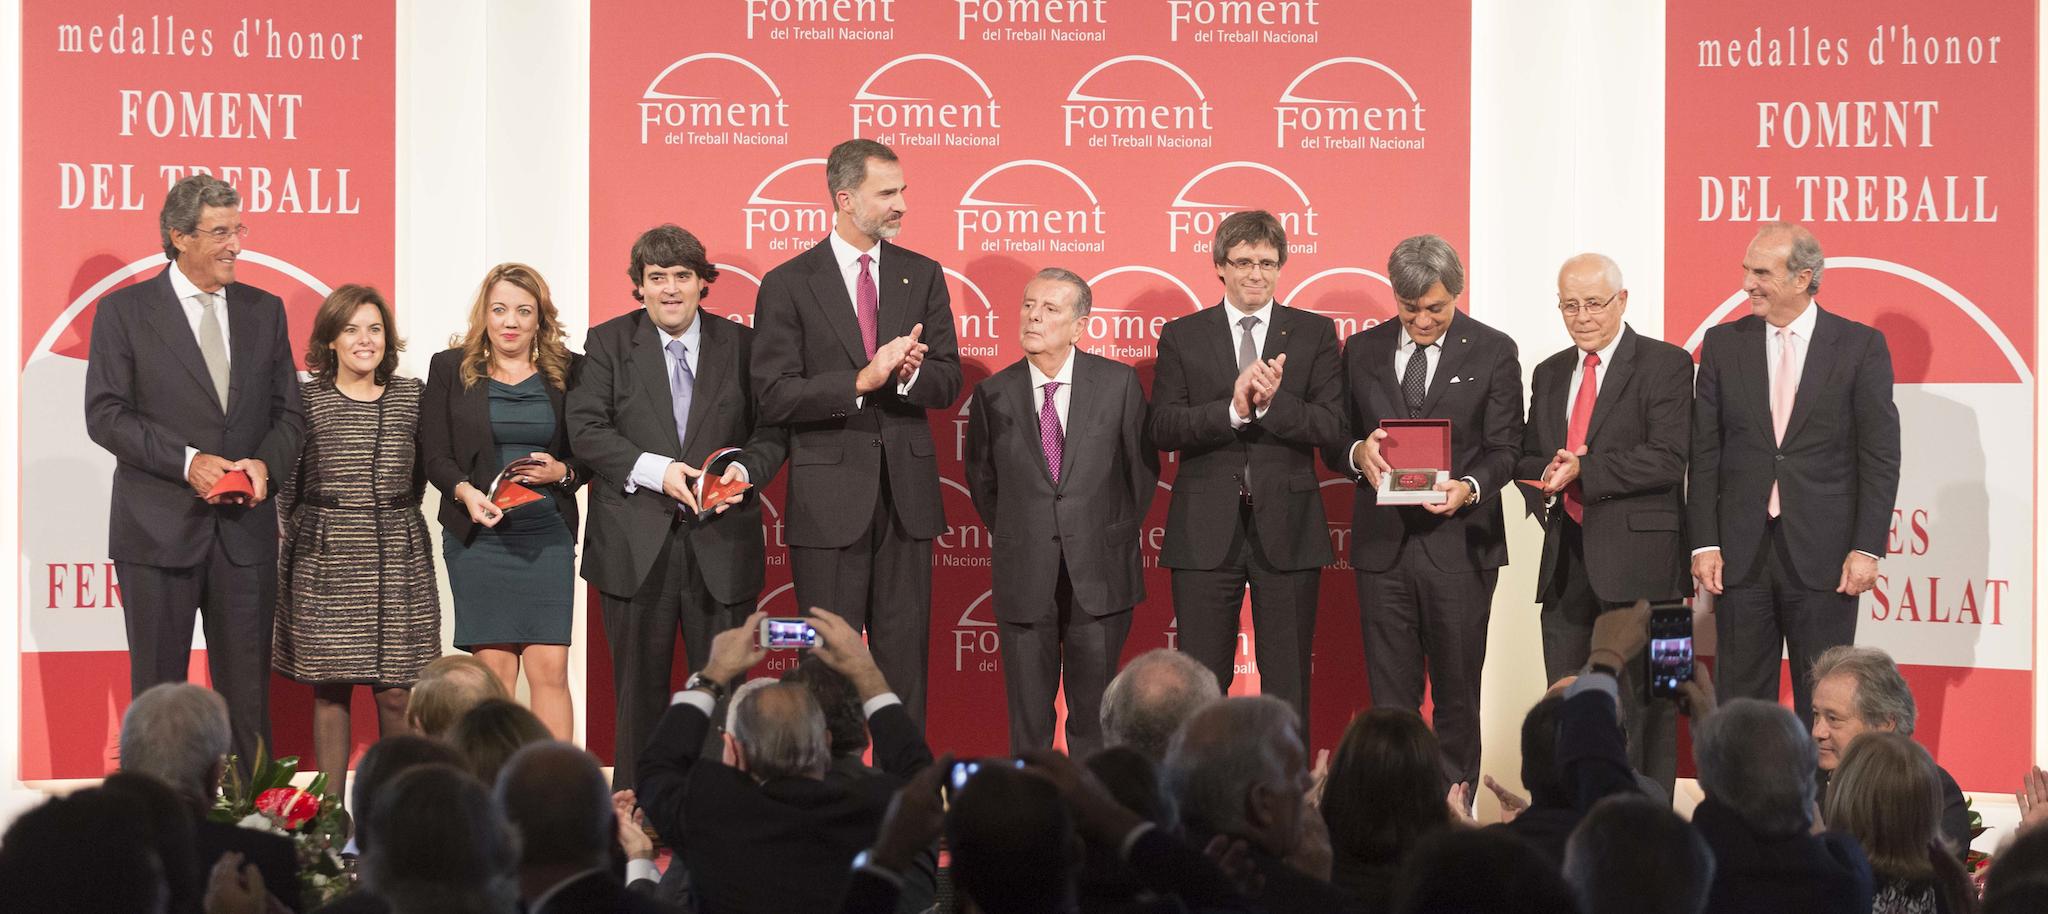 Foment reconoce el esfuerzo inversor de SEAT y la trayectoria empresarial de Javier Godó